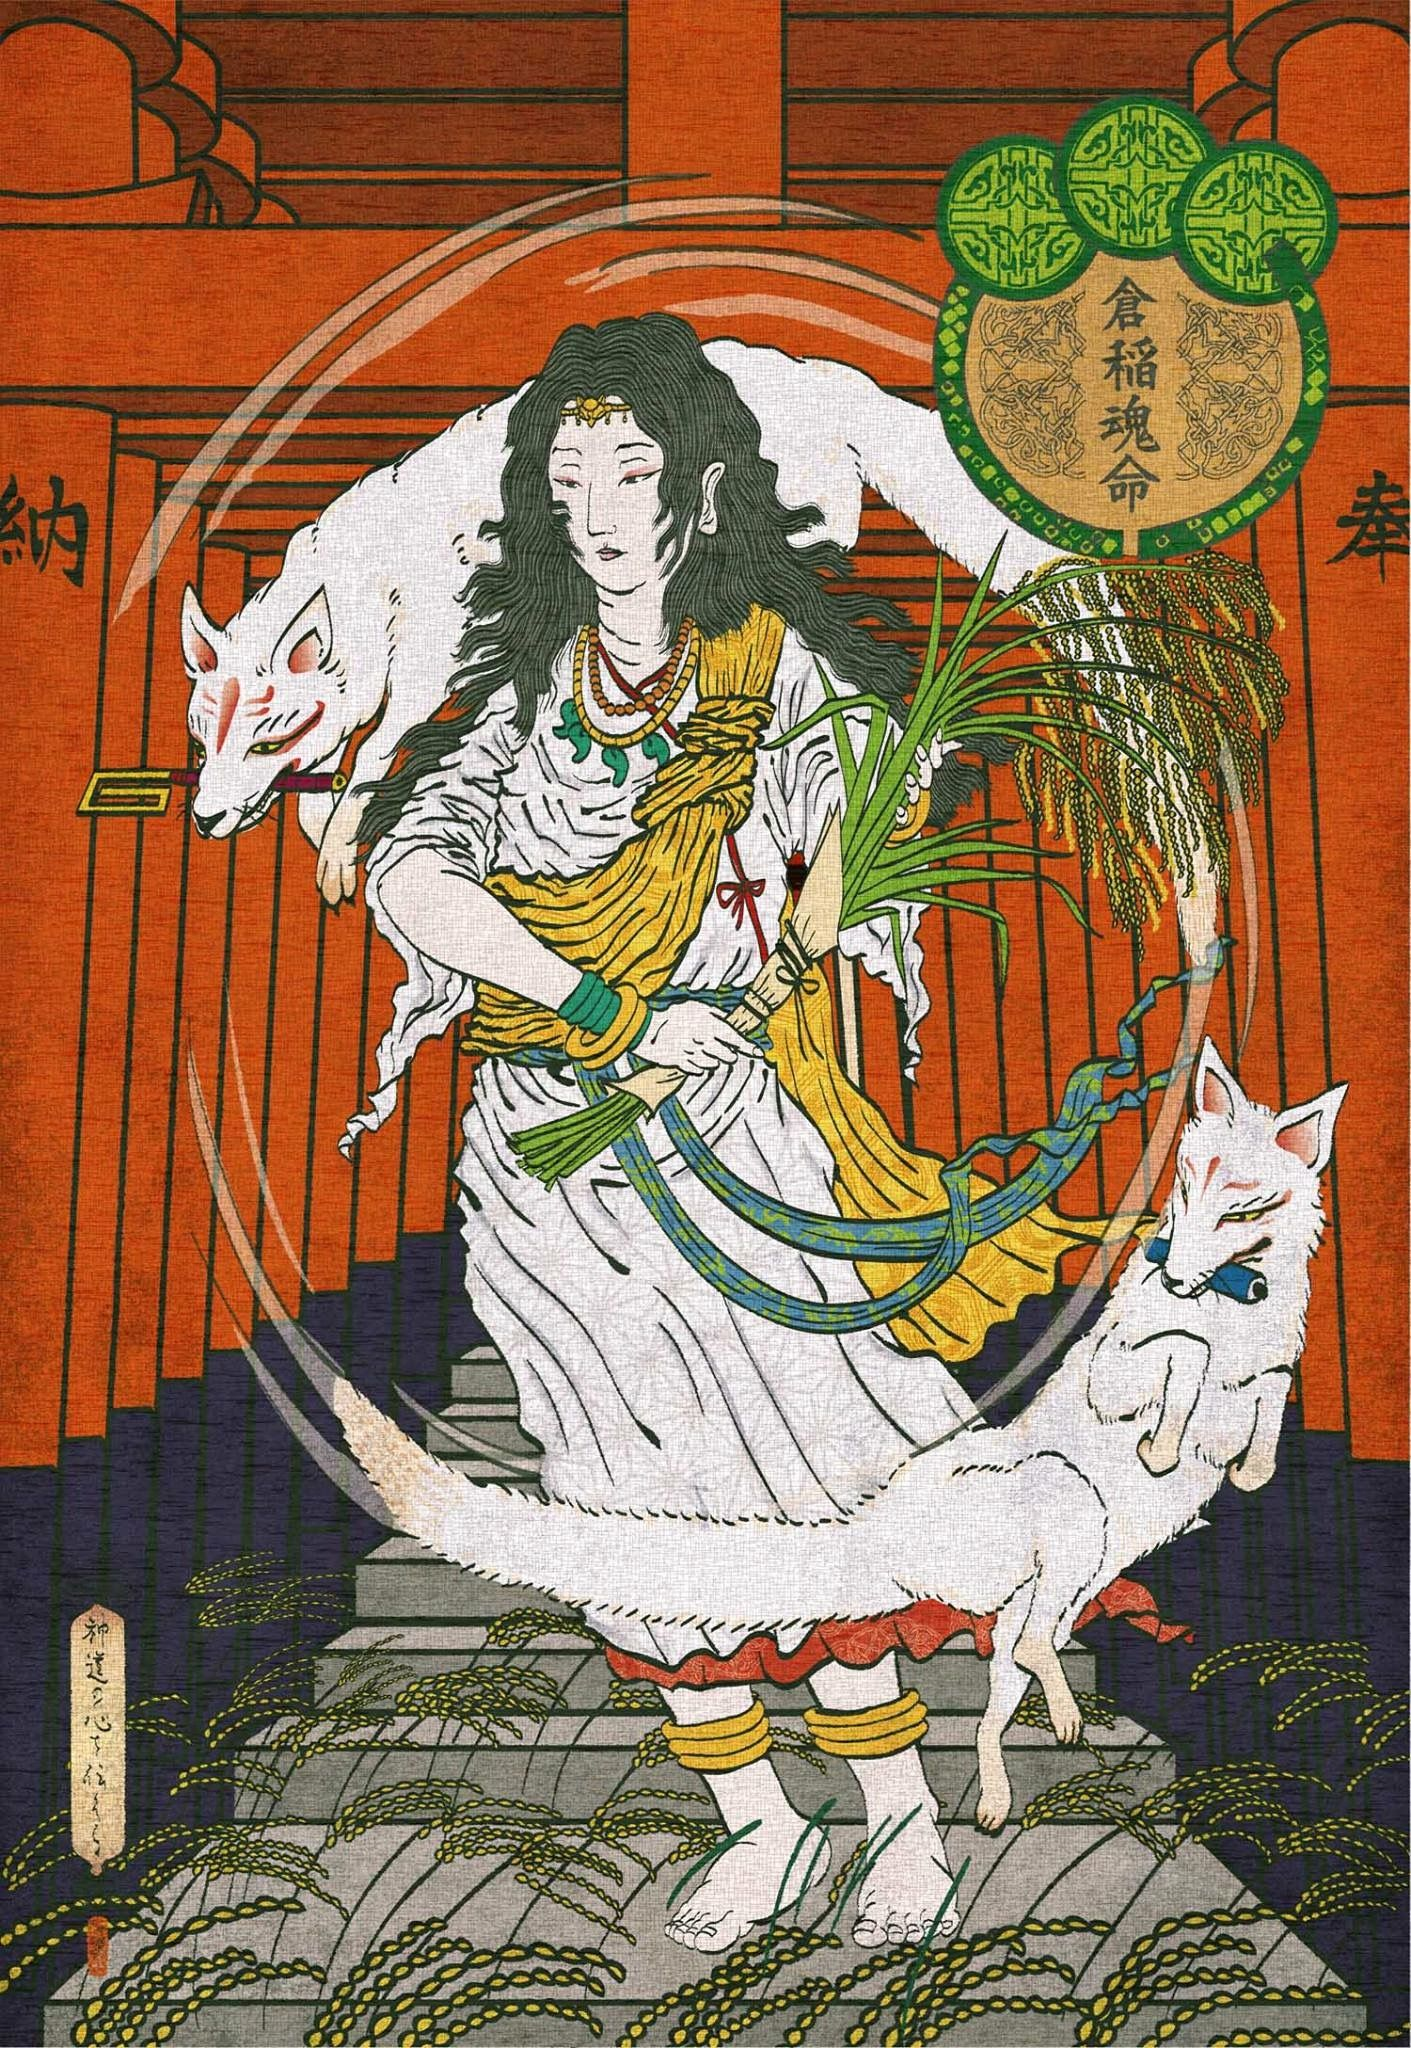 宇迦之御魂神 | 日本の民話, 日本神話, 日本画